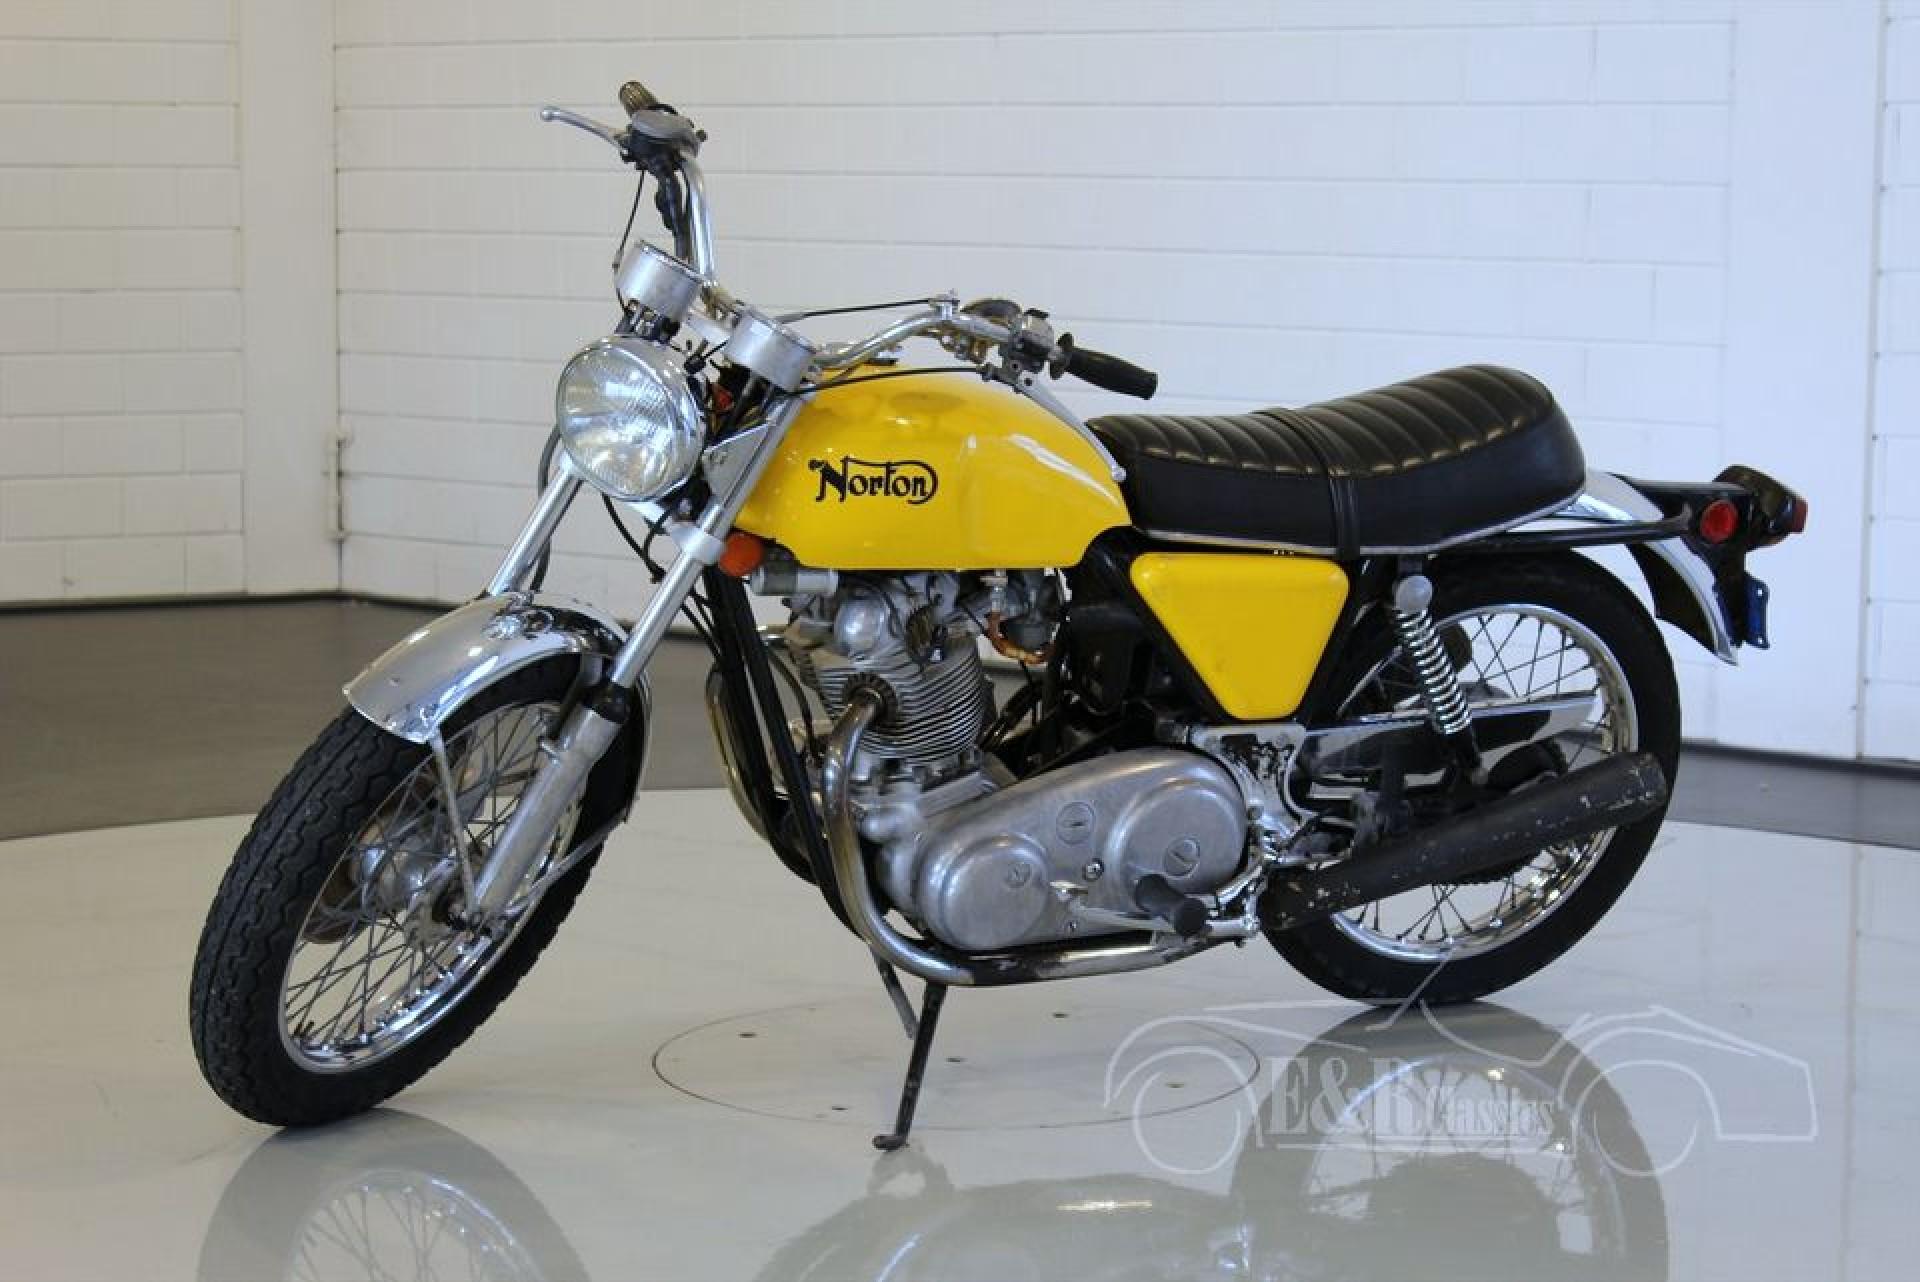 Norton commando 750 1972 for sale at erclassics for The norton